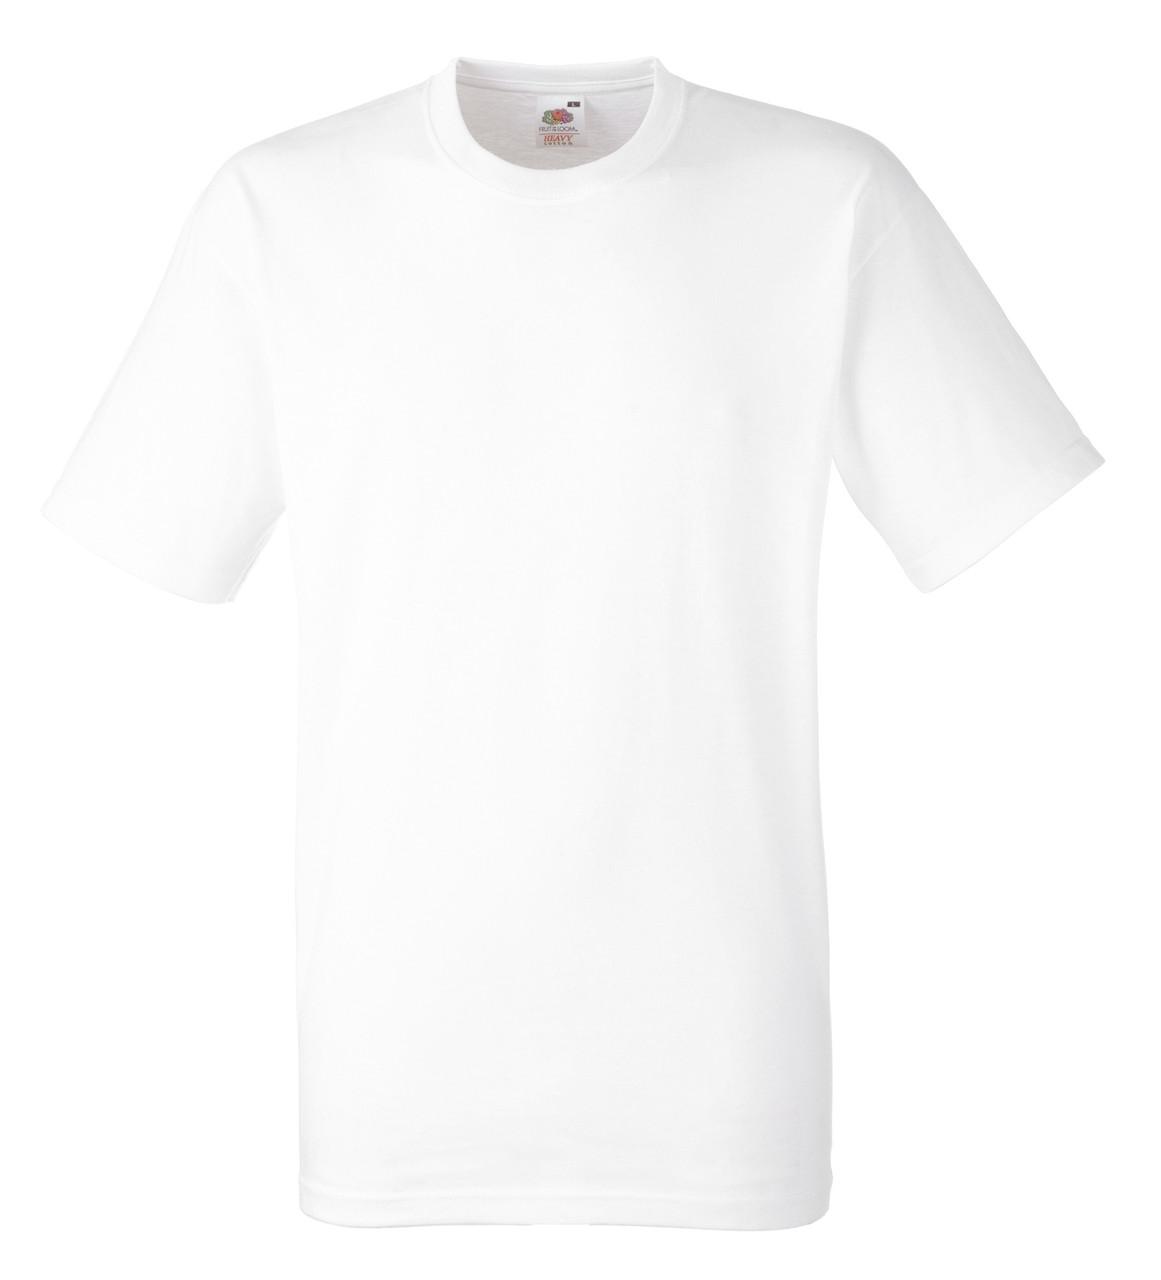 Мужская футболка Плотная Fruit of the loom Белый 61-212-30 XL